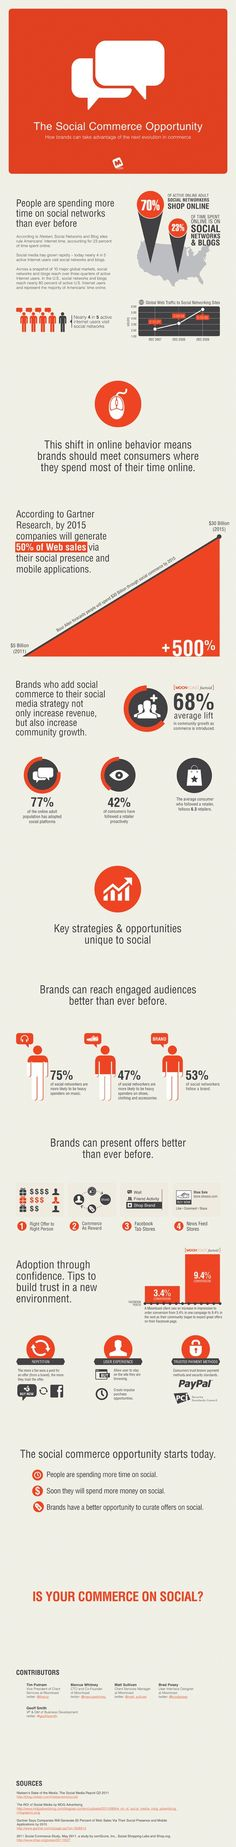 La oportunidad del social commerce